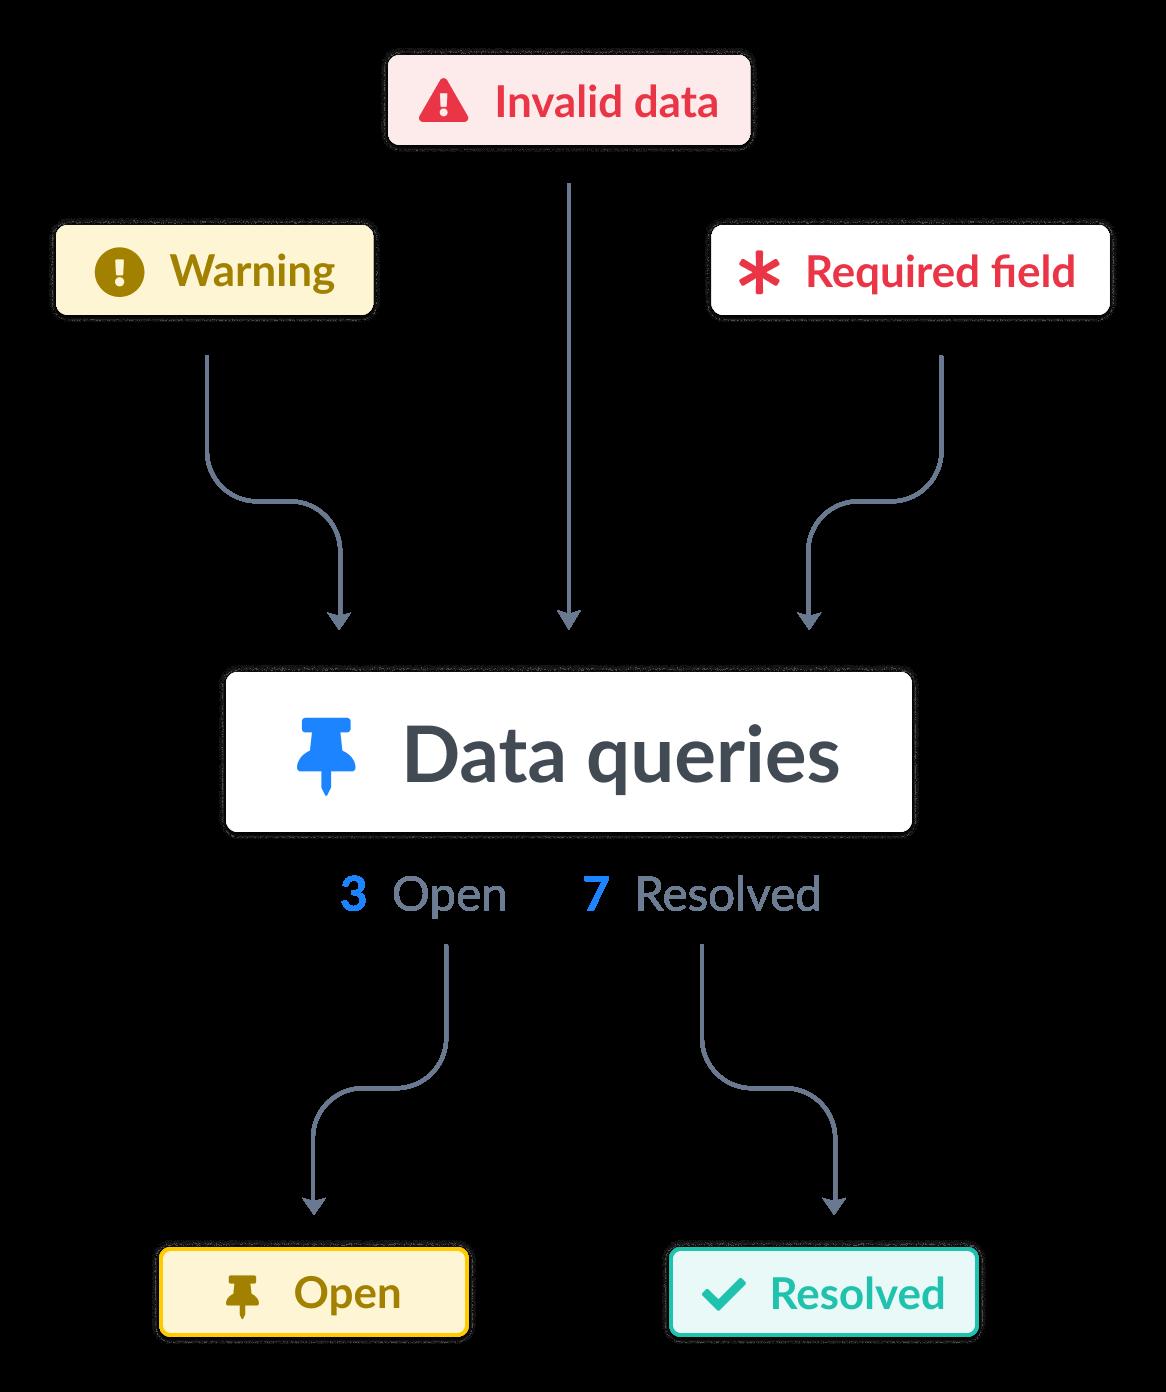 Los datos no válidos, los campos con advertencias y los campos requeridos generan consultas de datos individuales, las cuales luego se pueden marcar como abiertas o resueltas.